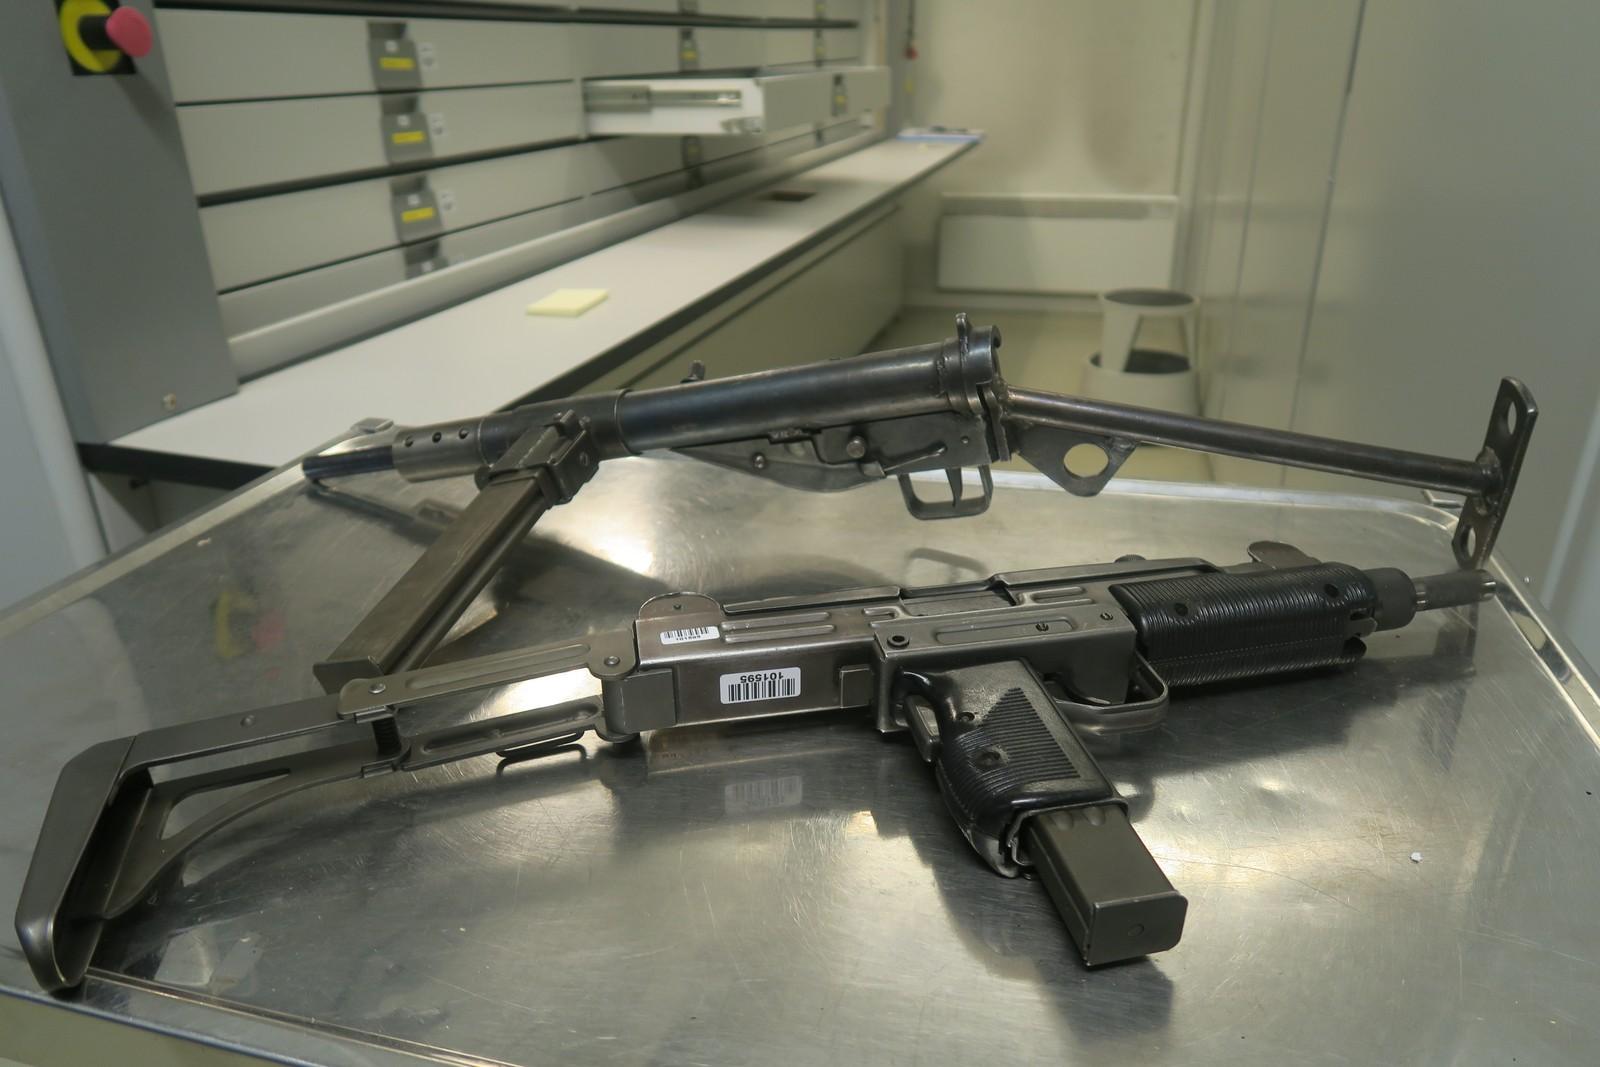 Klassikere: En Stengun, som er en britisk maskinpistol fra andre verdenskrig, kjent for sin enkle utforming, konstruksjon og lave produksjonskostnad. Nederst en UZI, israelsk-produsert maskinpistol.